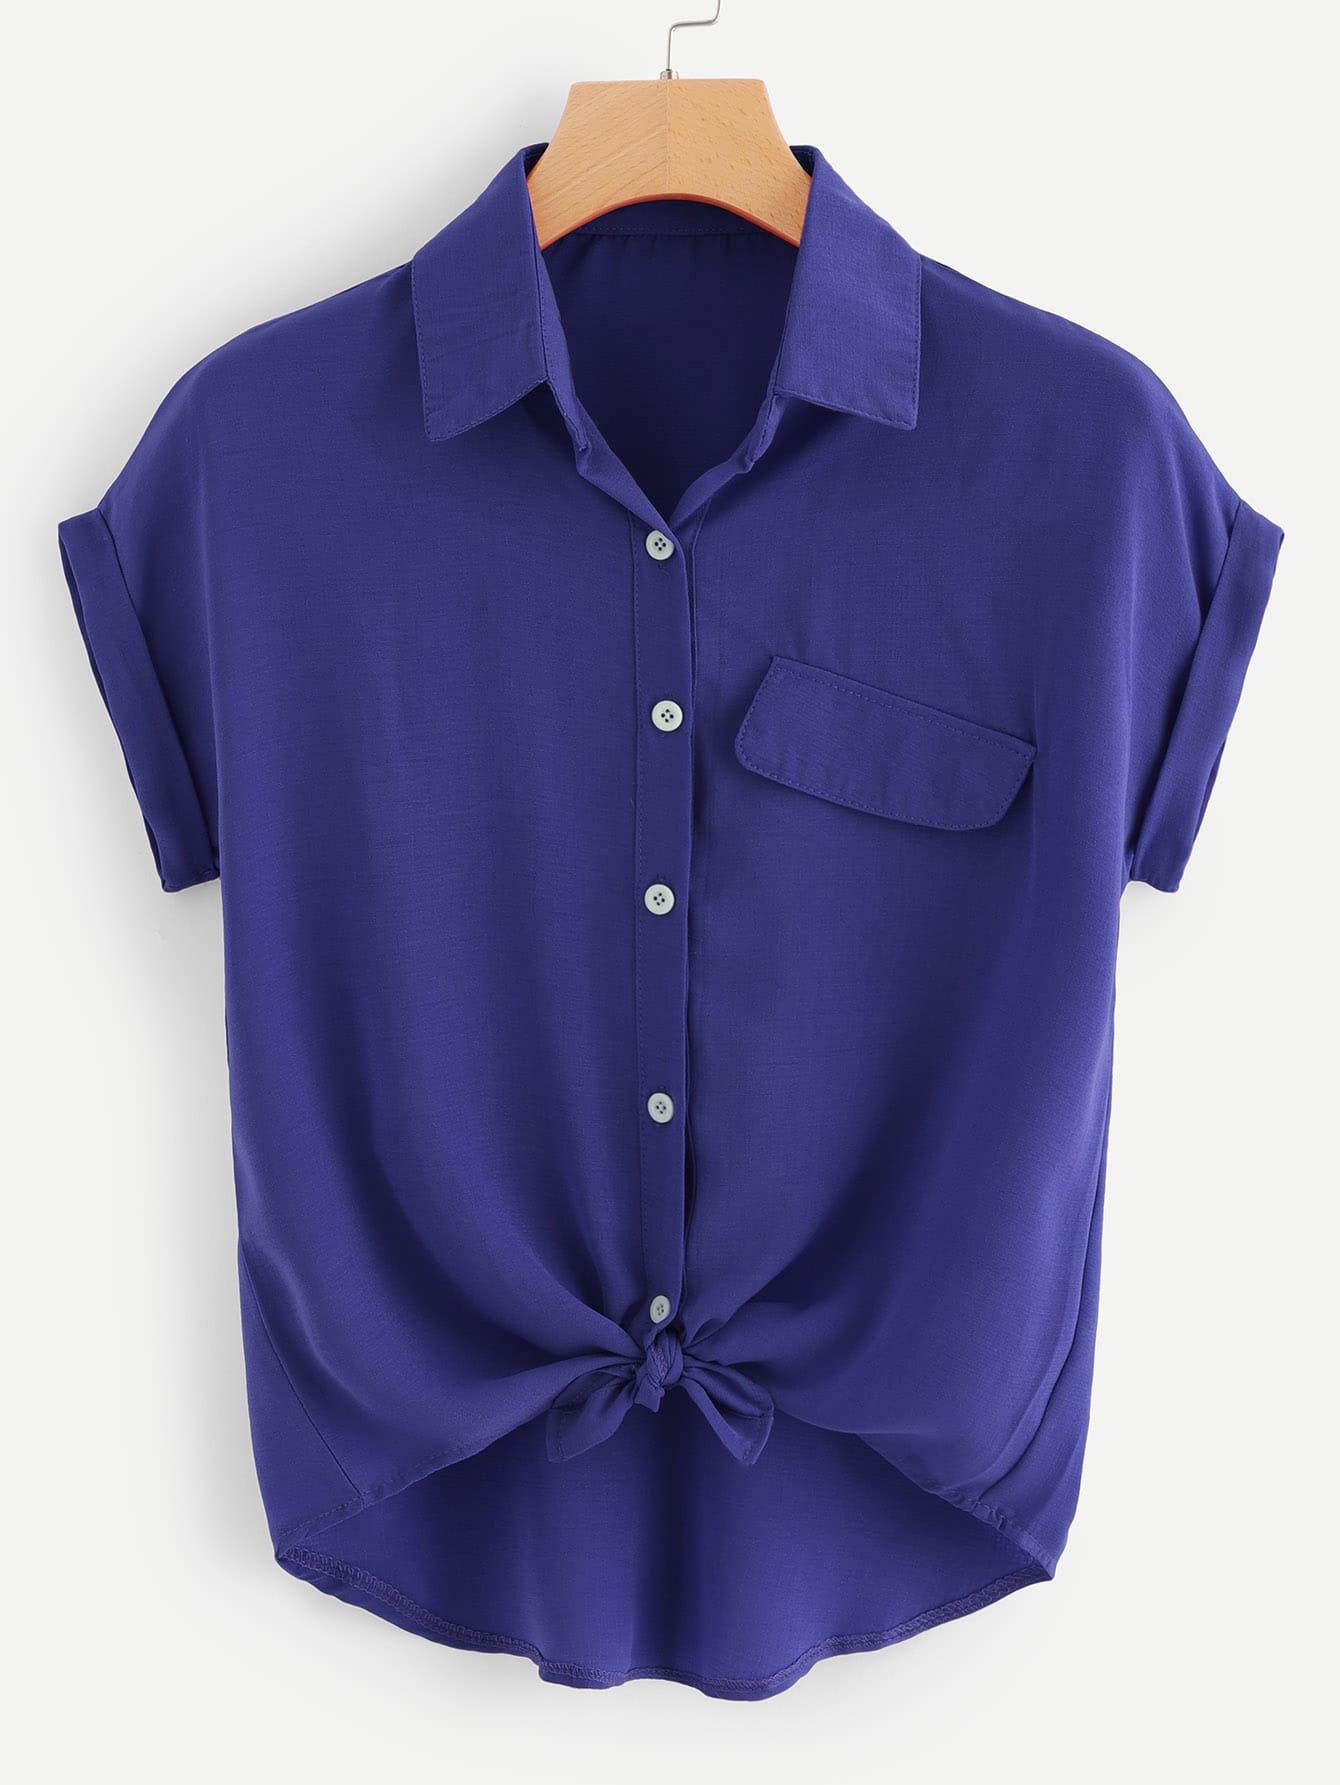 Купить Повседневный Одноцветный Пуговица Синий Блузы+рубашки, null, SheIn